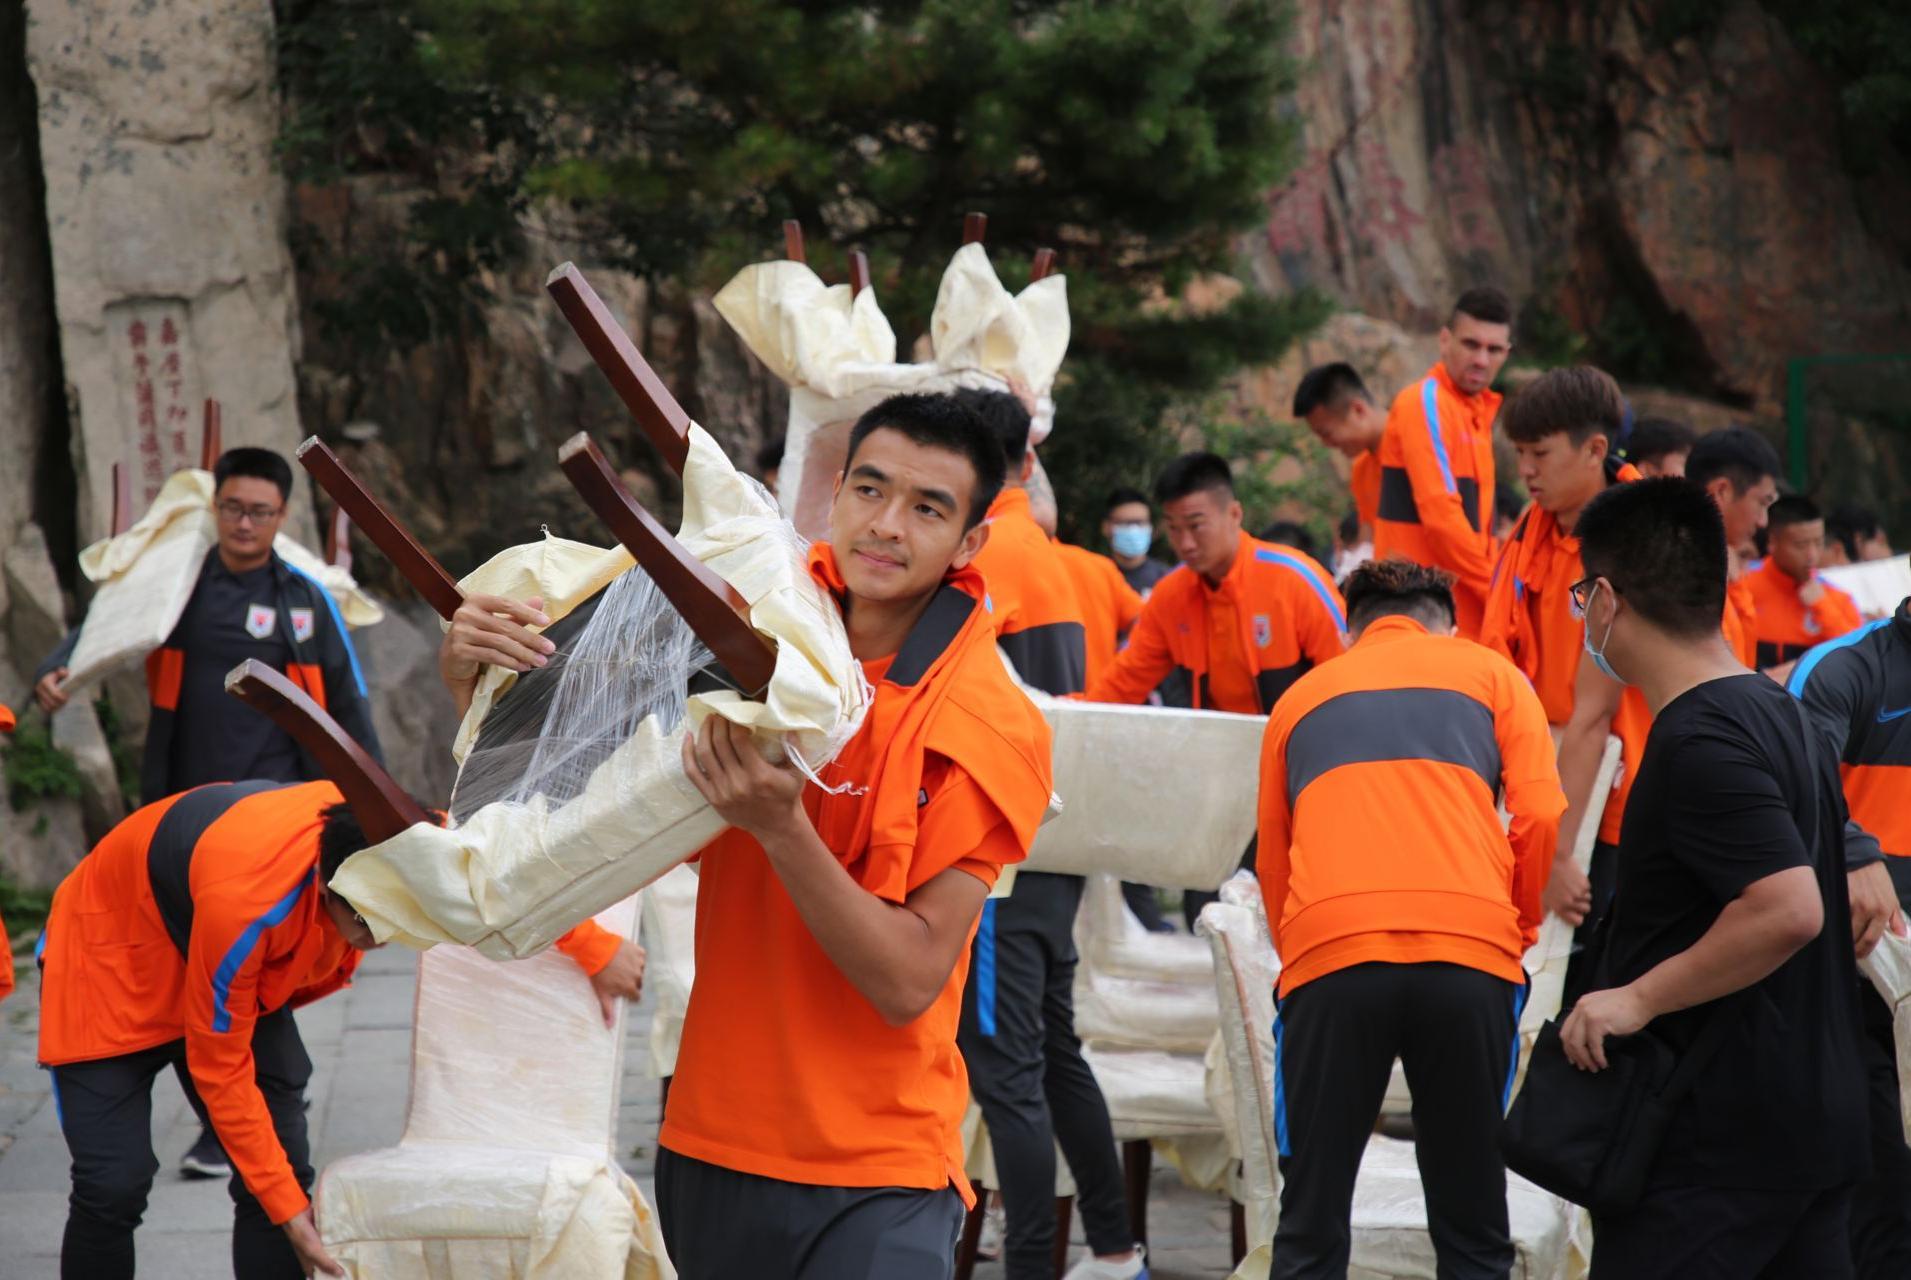 济南文旅对外打出第一张牌,一举俘获山东球迷的心